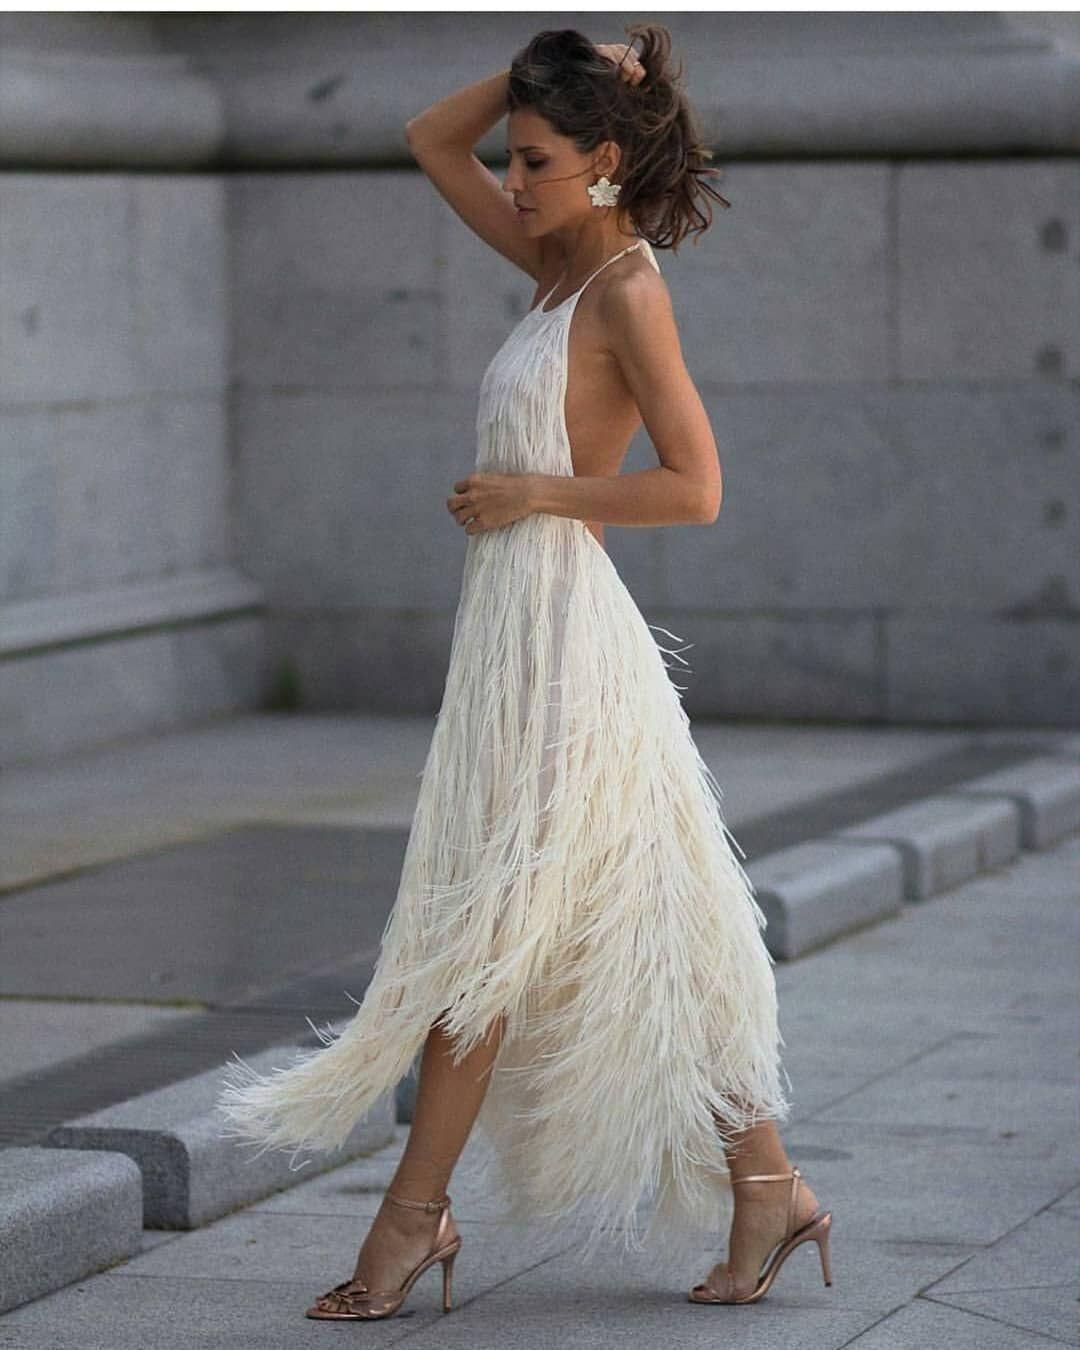 Formal Schön Abend Dress Zara Bester Preis15 Wunderbar Abend Dress Zara Stylish